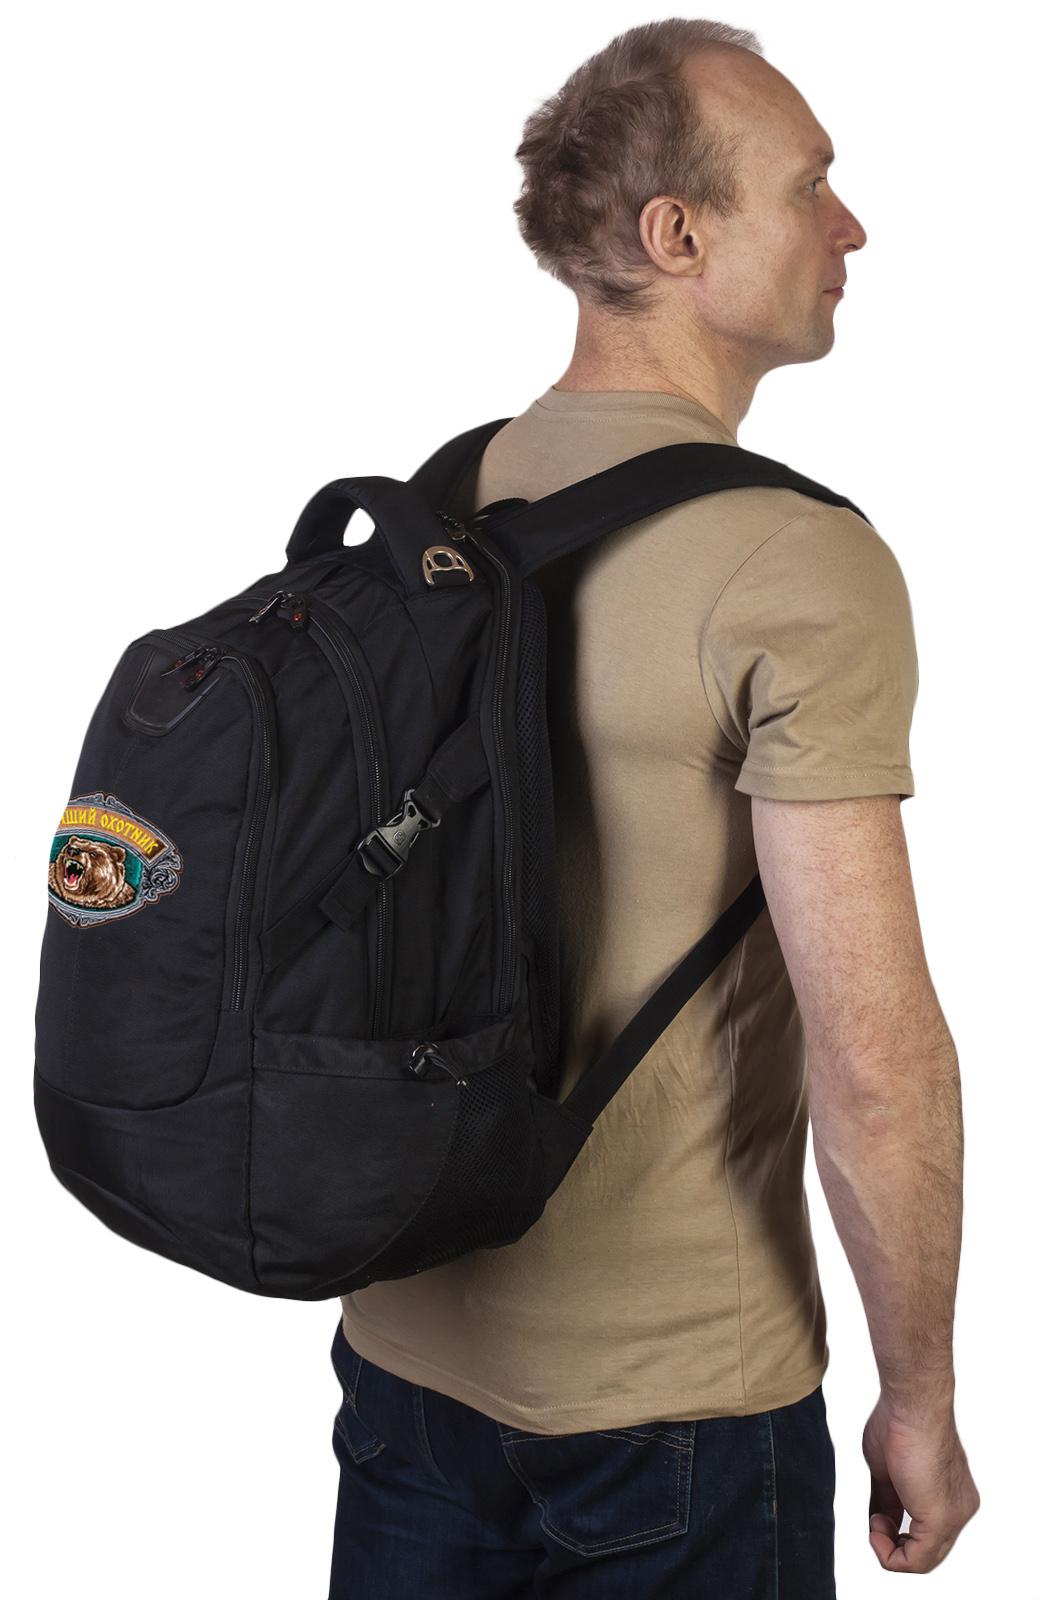 Практичный черный рюкзак с нашивкой Лучший Охотник - заказать в подарок